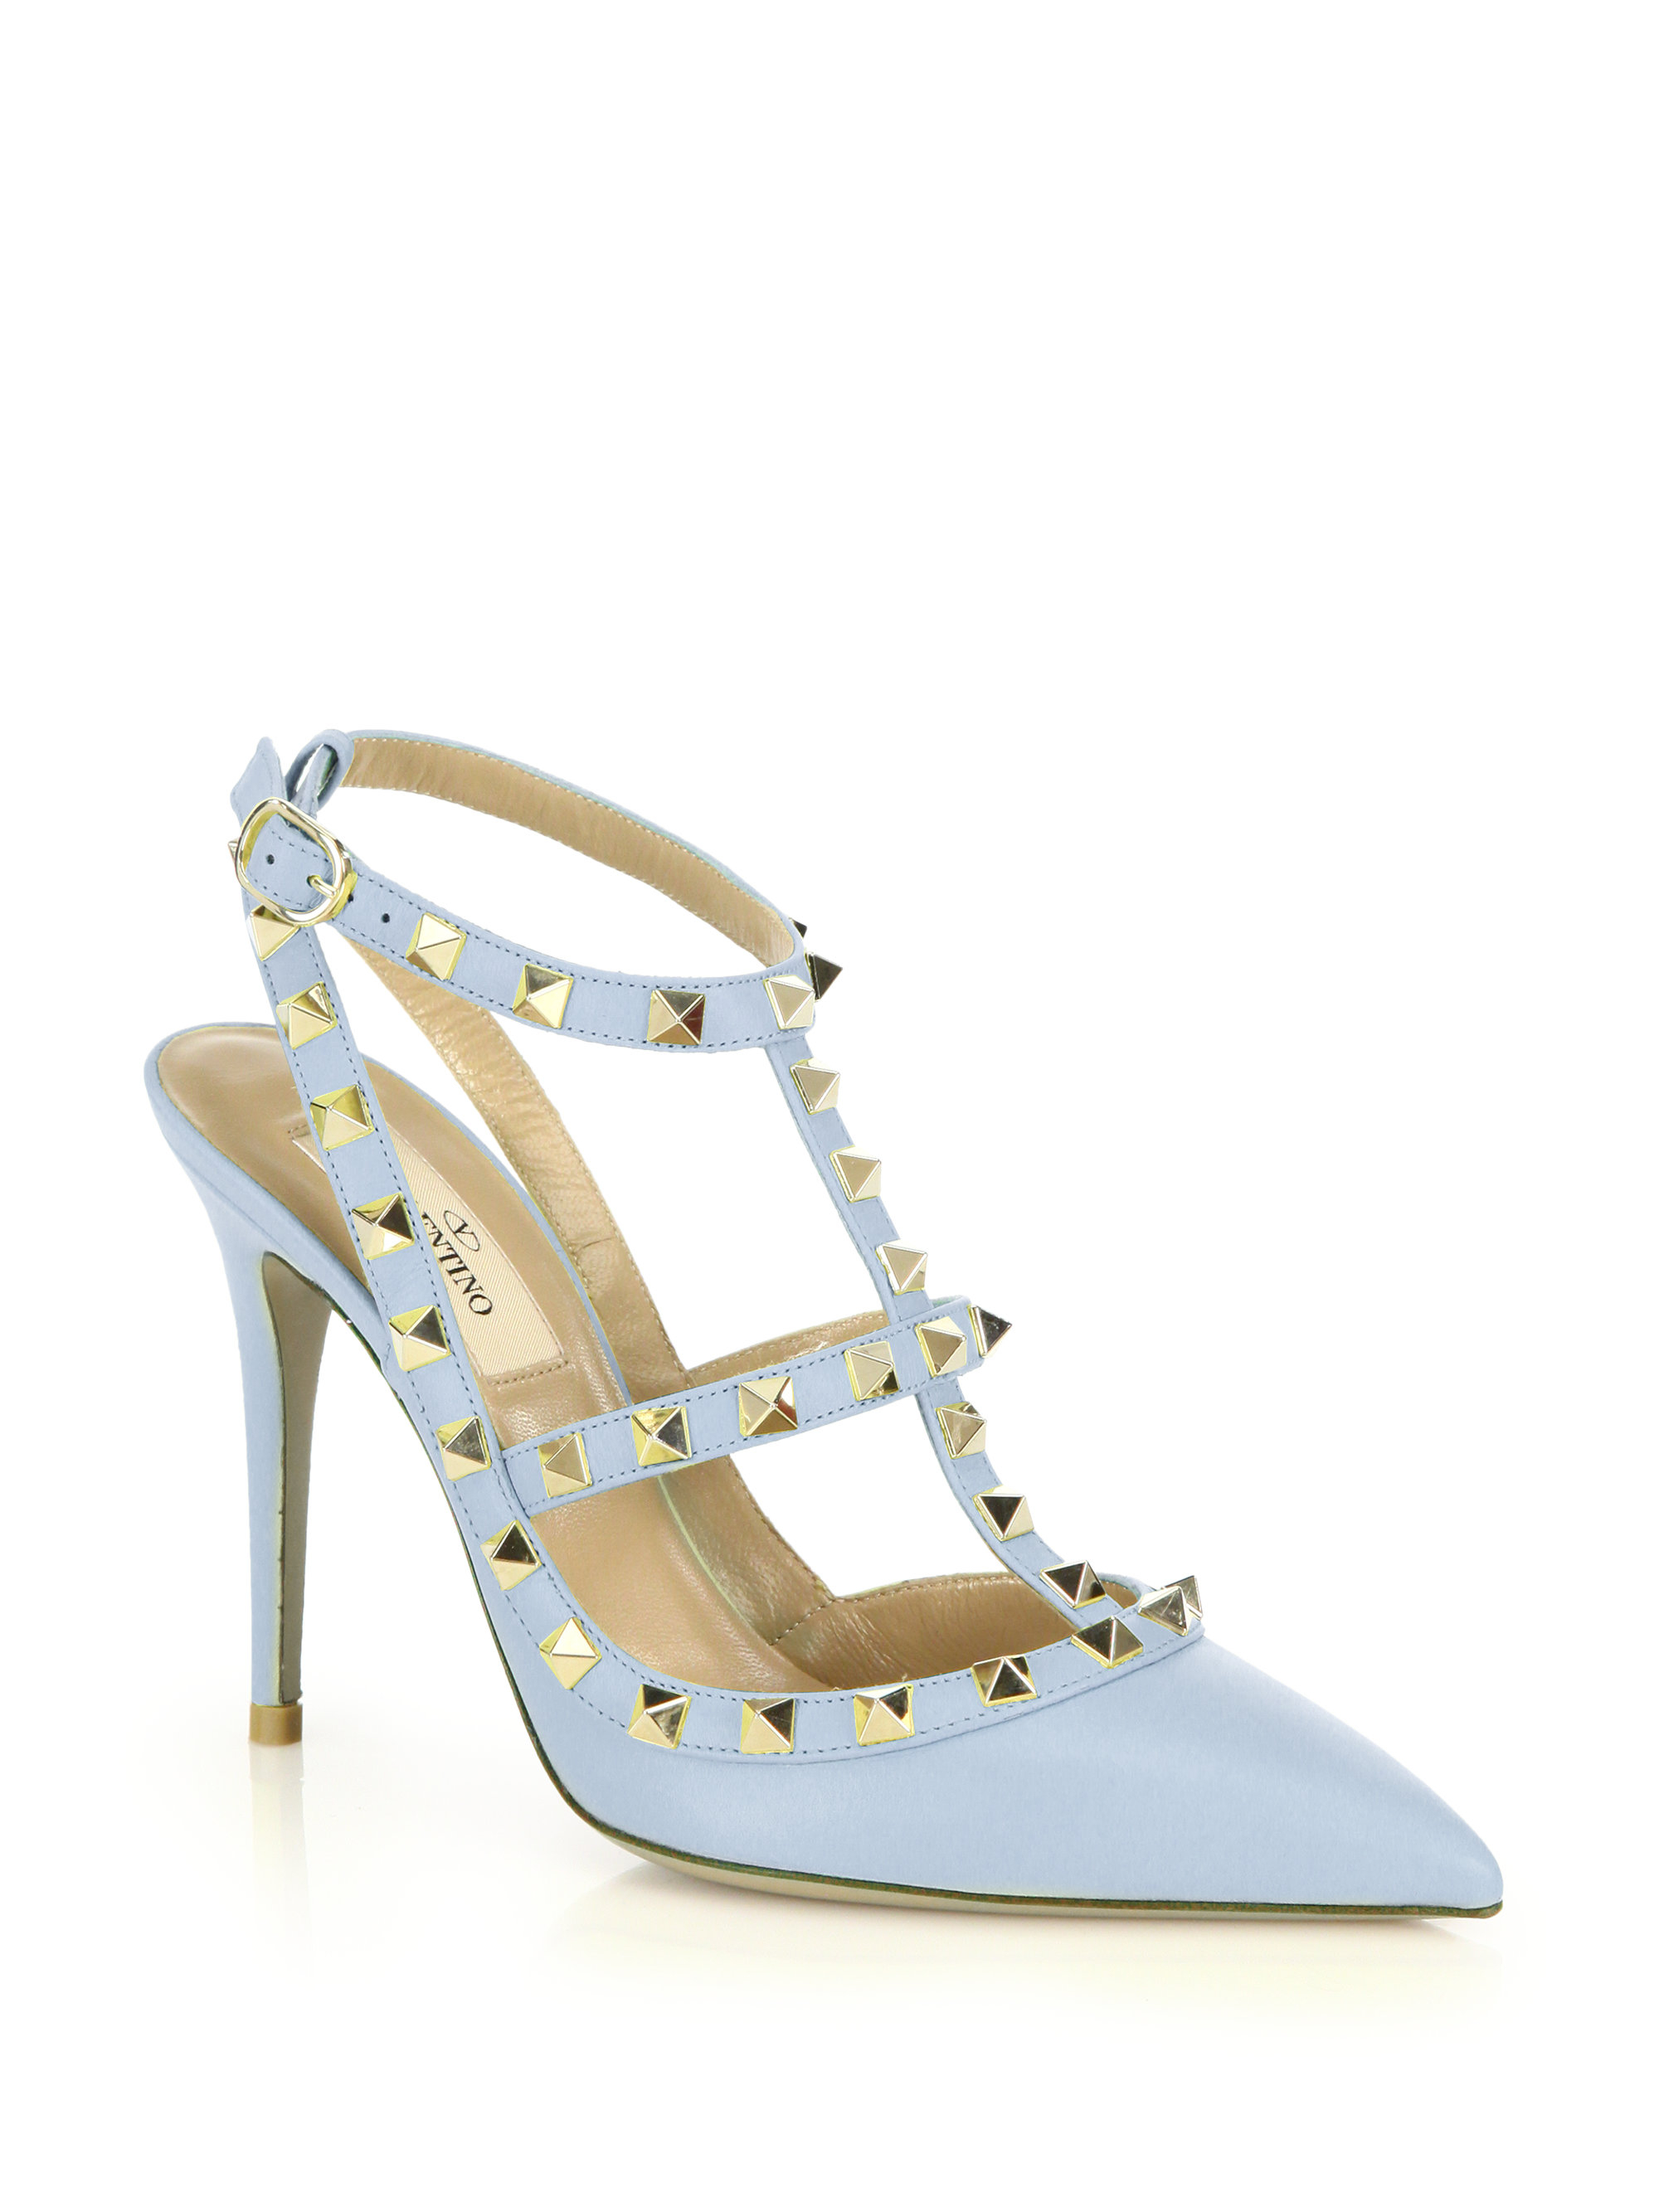 Rockstud ankle strap pumps - Blue Valentino X5tTVUM